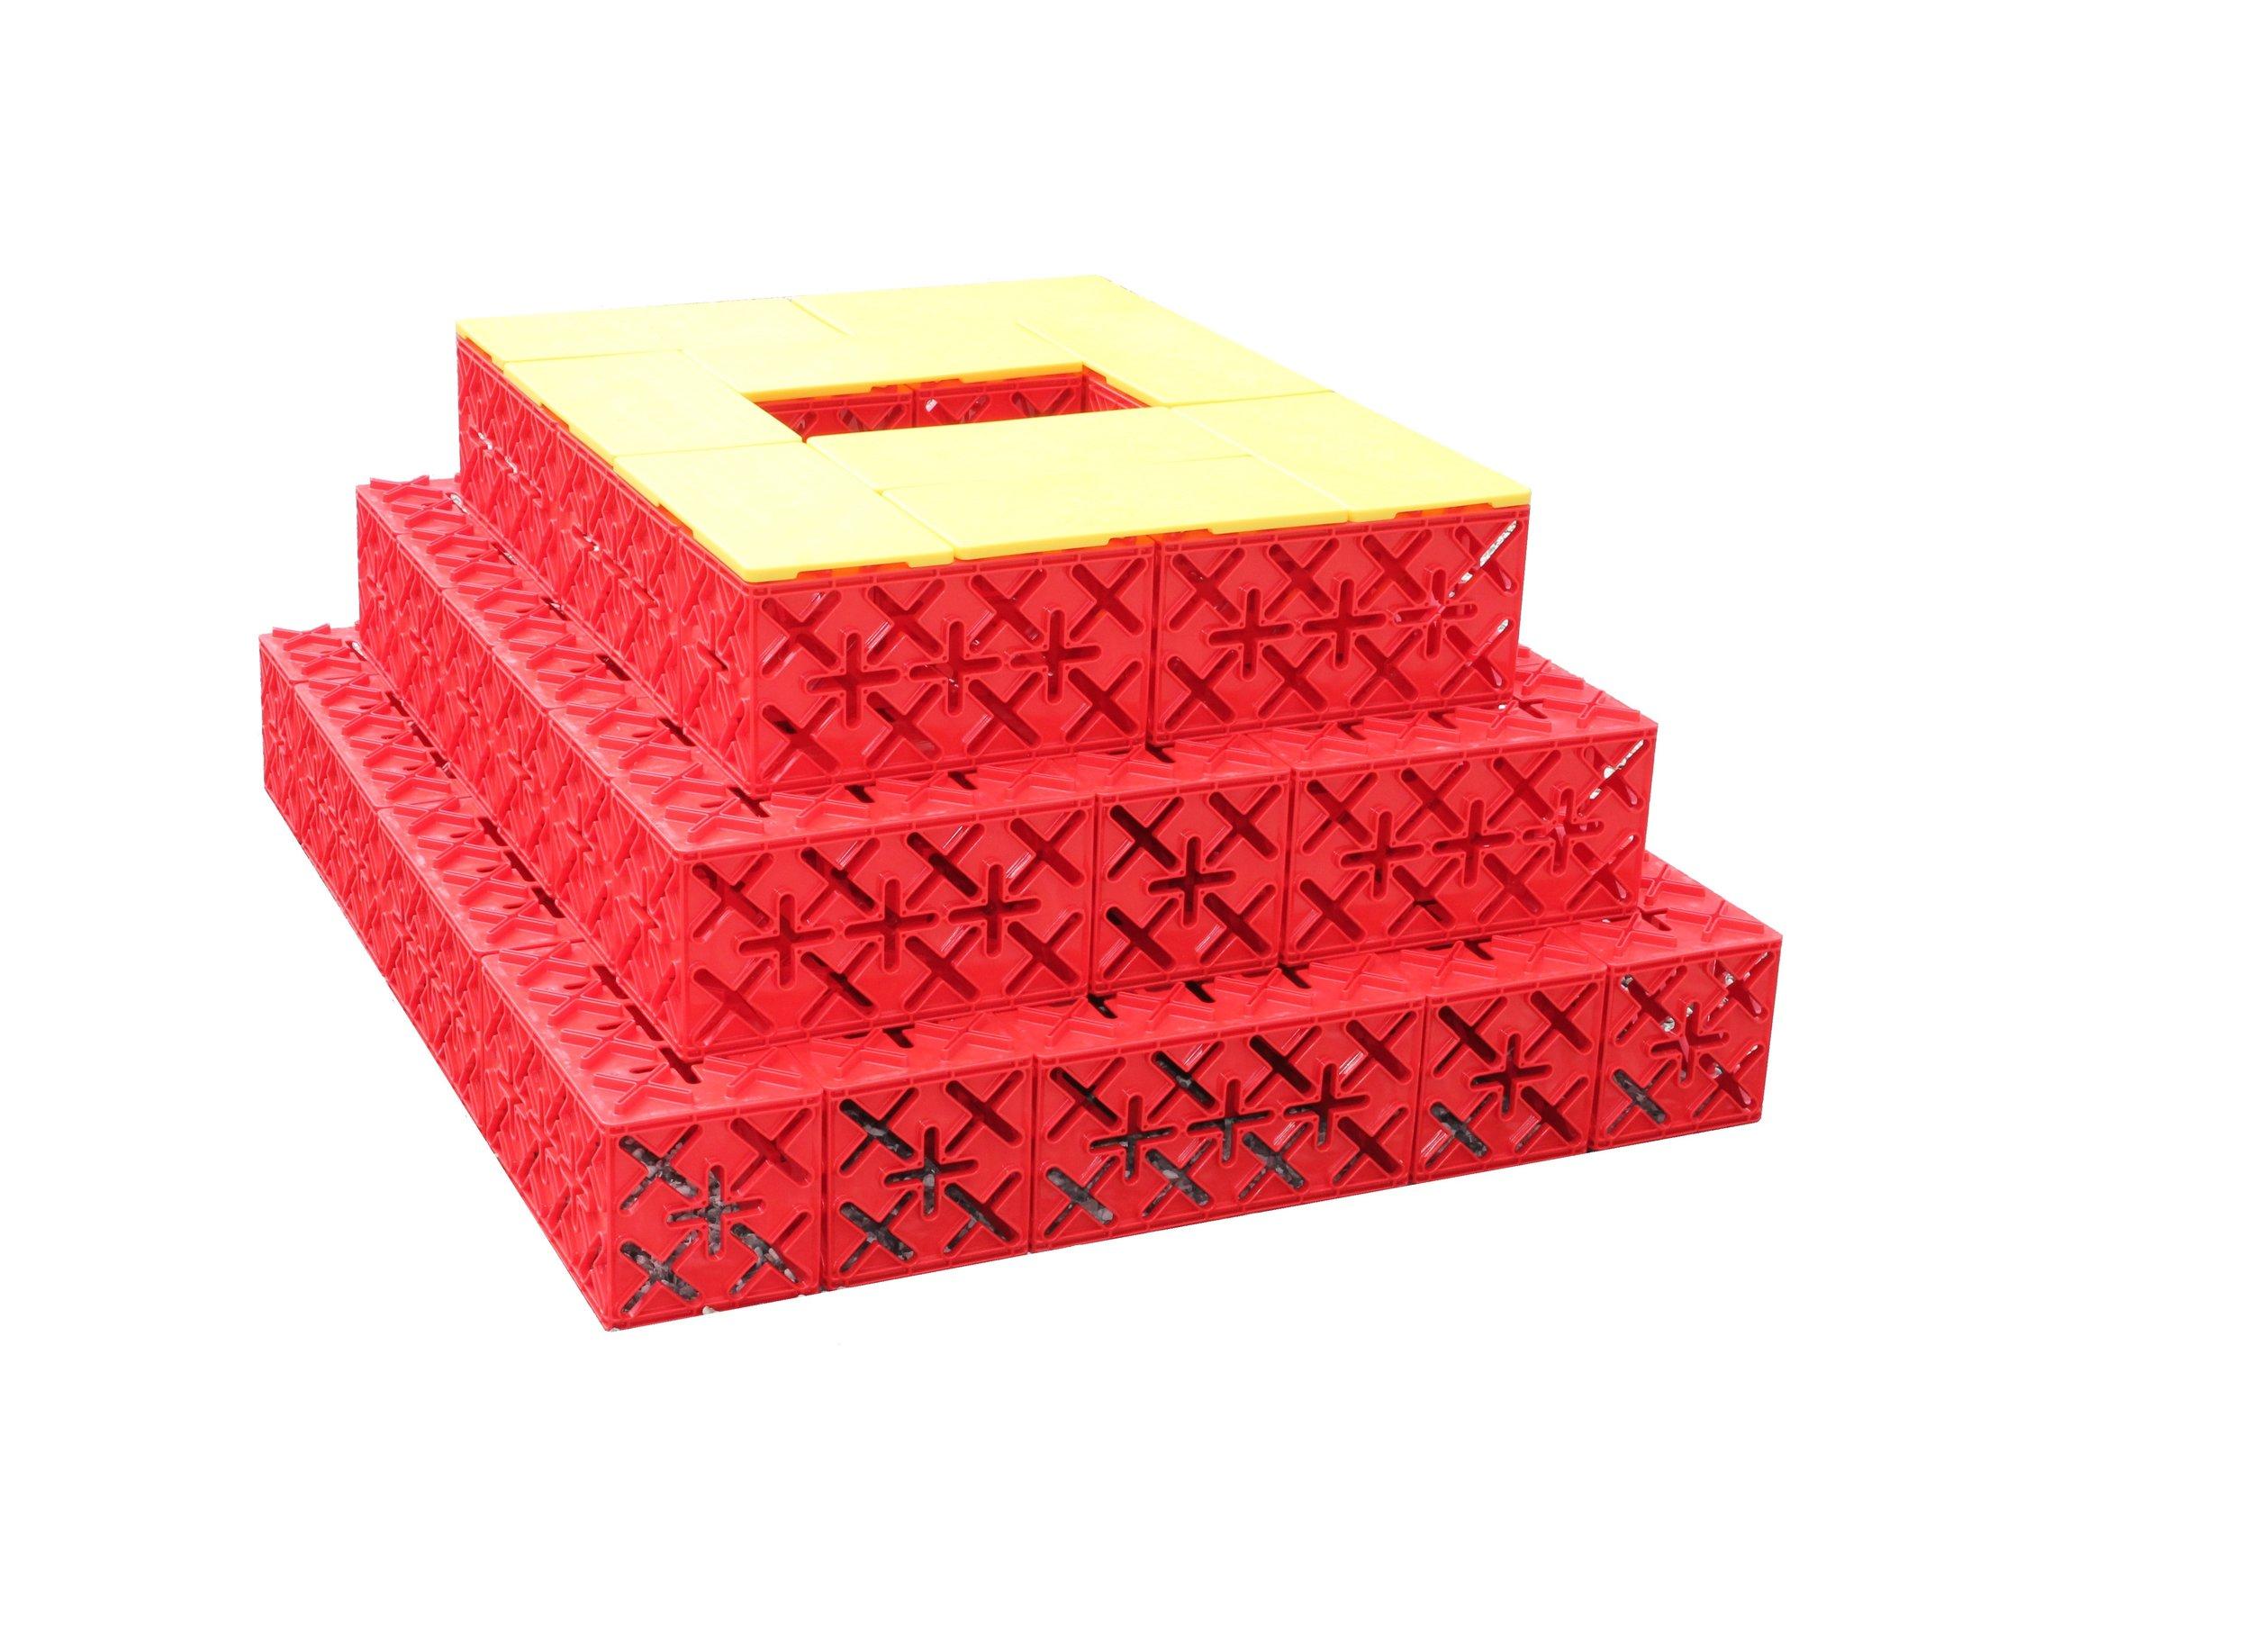 PYRAMIDE 45 KLODSER. - Byg en pyramide, som de gjorde i Egypten for mange år tilbage. Den kan kravles på, og der er en fantastisk udsigt fra toppen :)